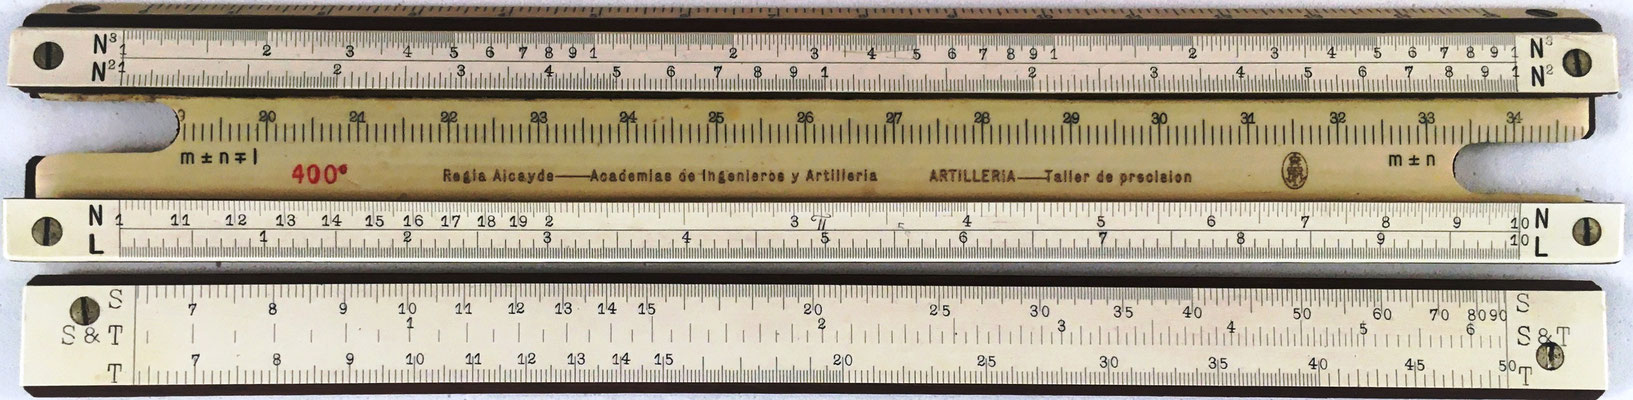 Regla Alcayde para las Academias de Ingenieros y Artillería, encargada su fabricación al Taller de Precisión de Artillería (Madrid), año 1915